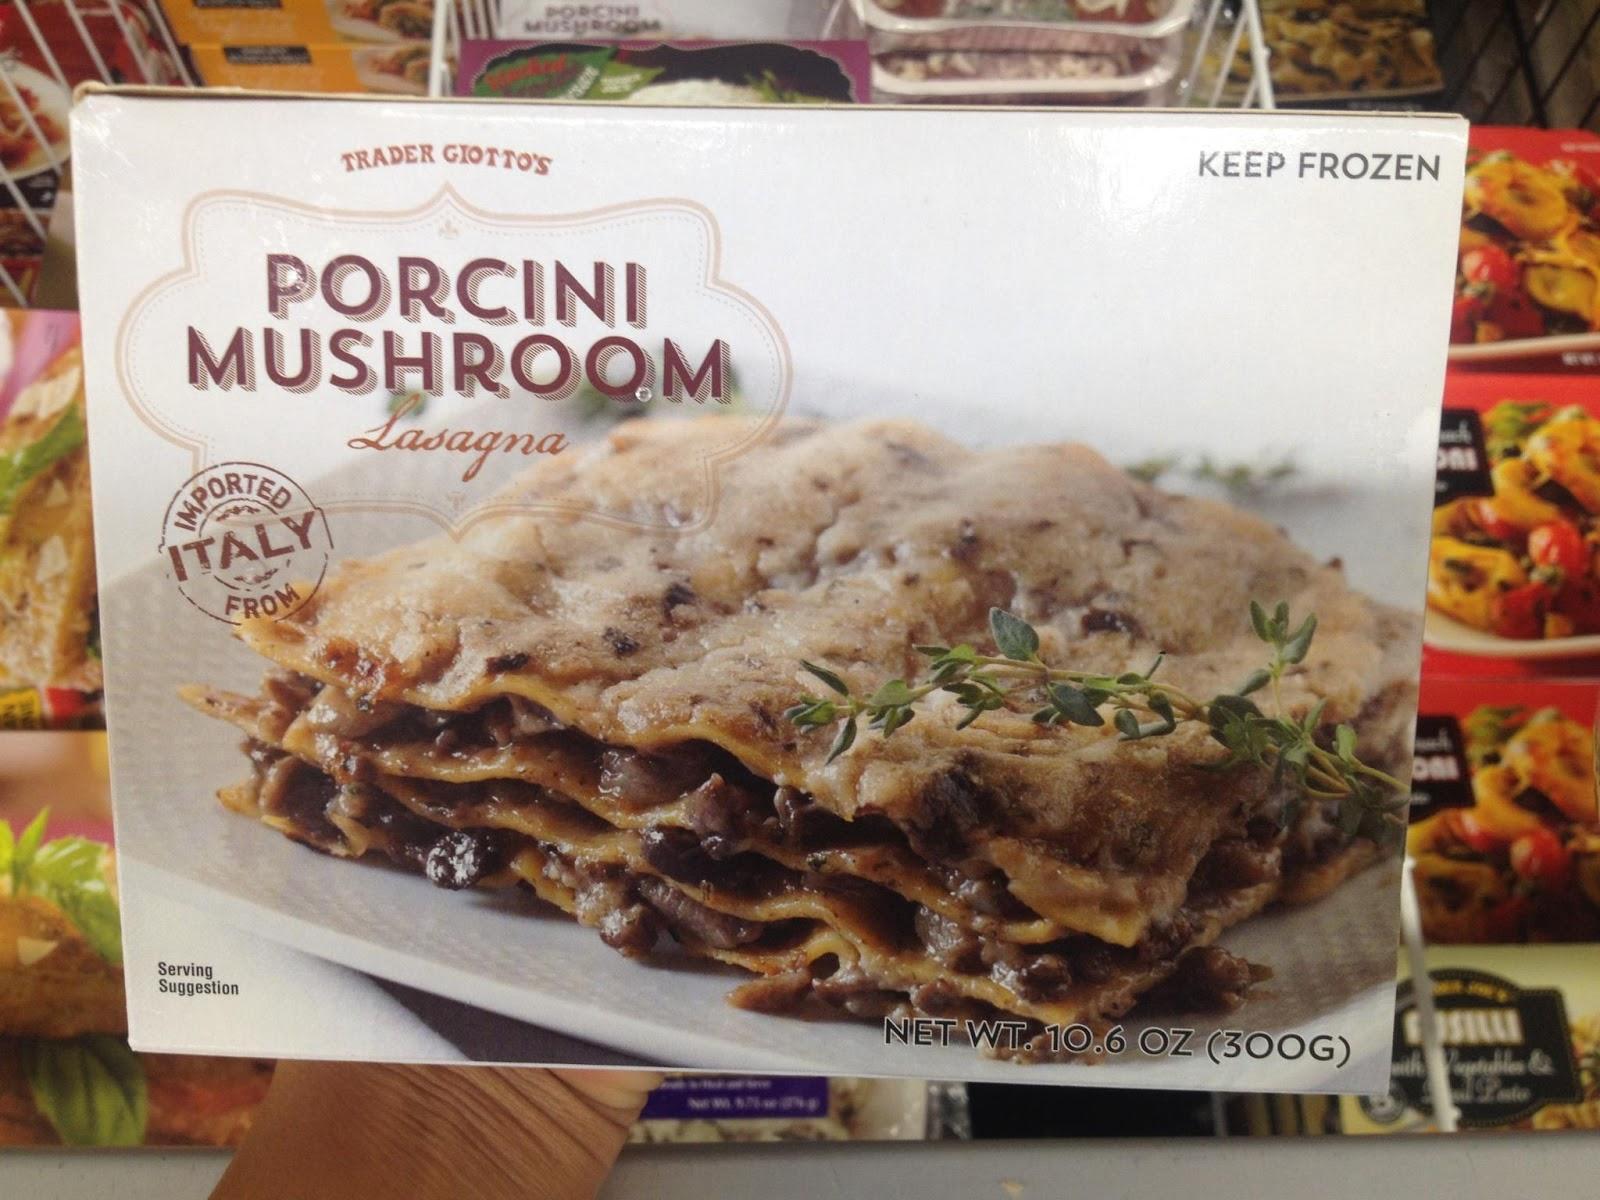 蘑菇千层面| Trader Giotto's